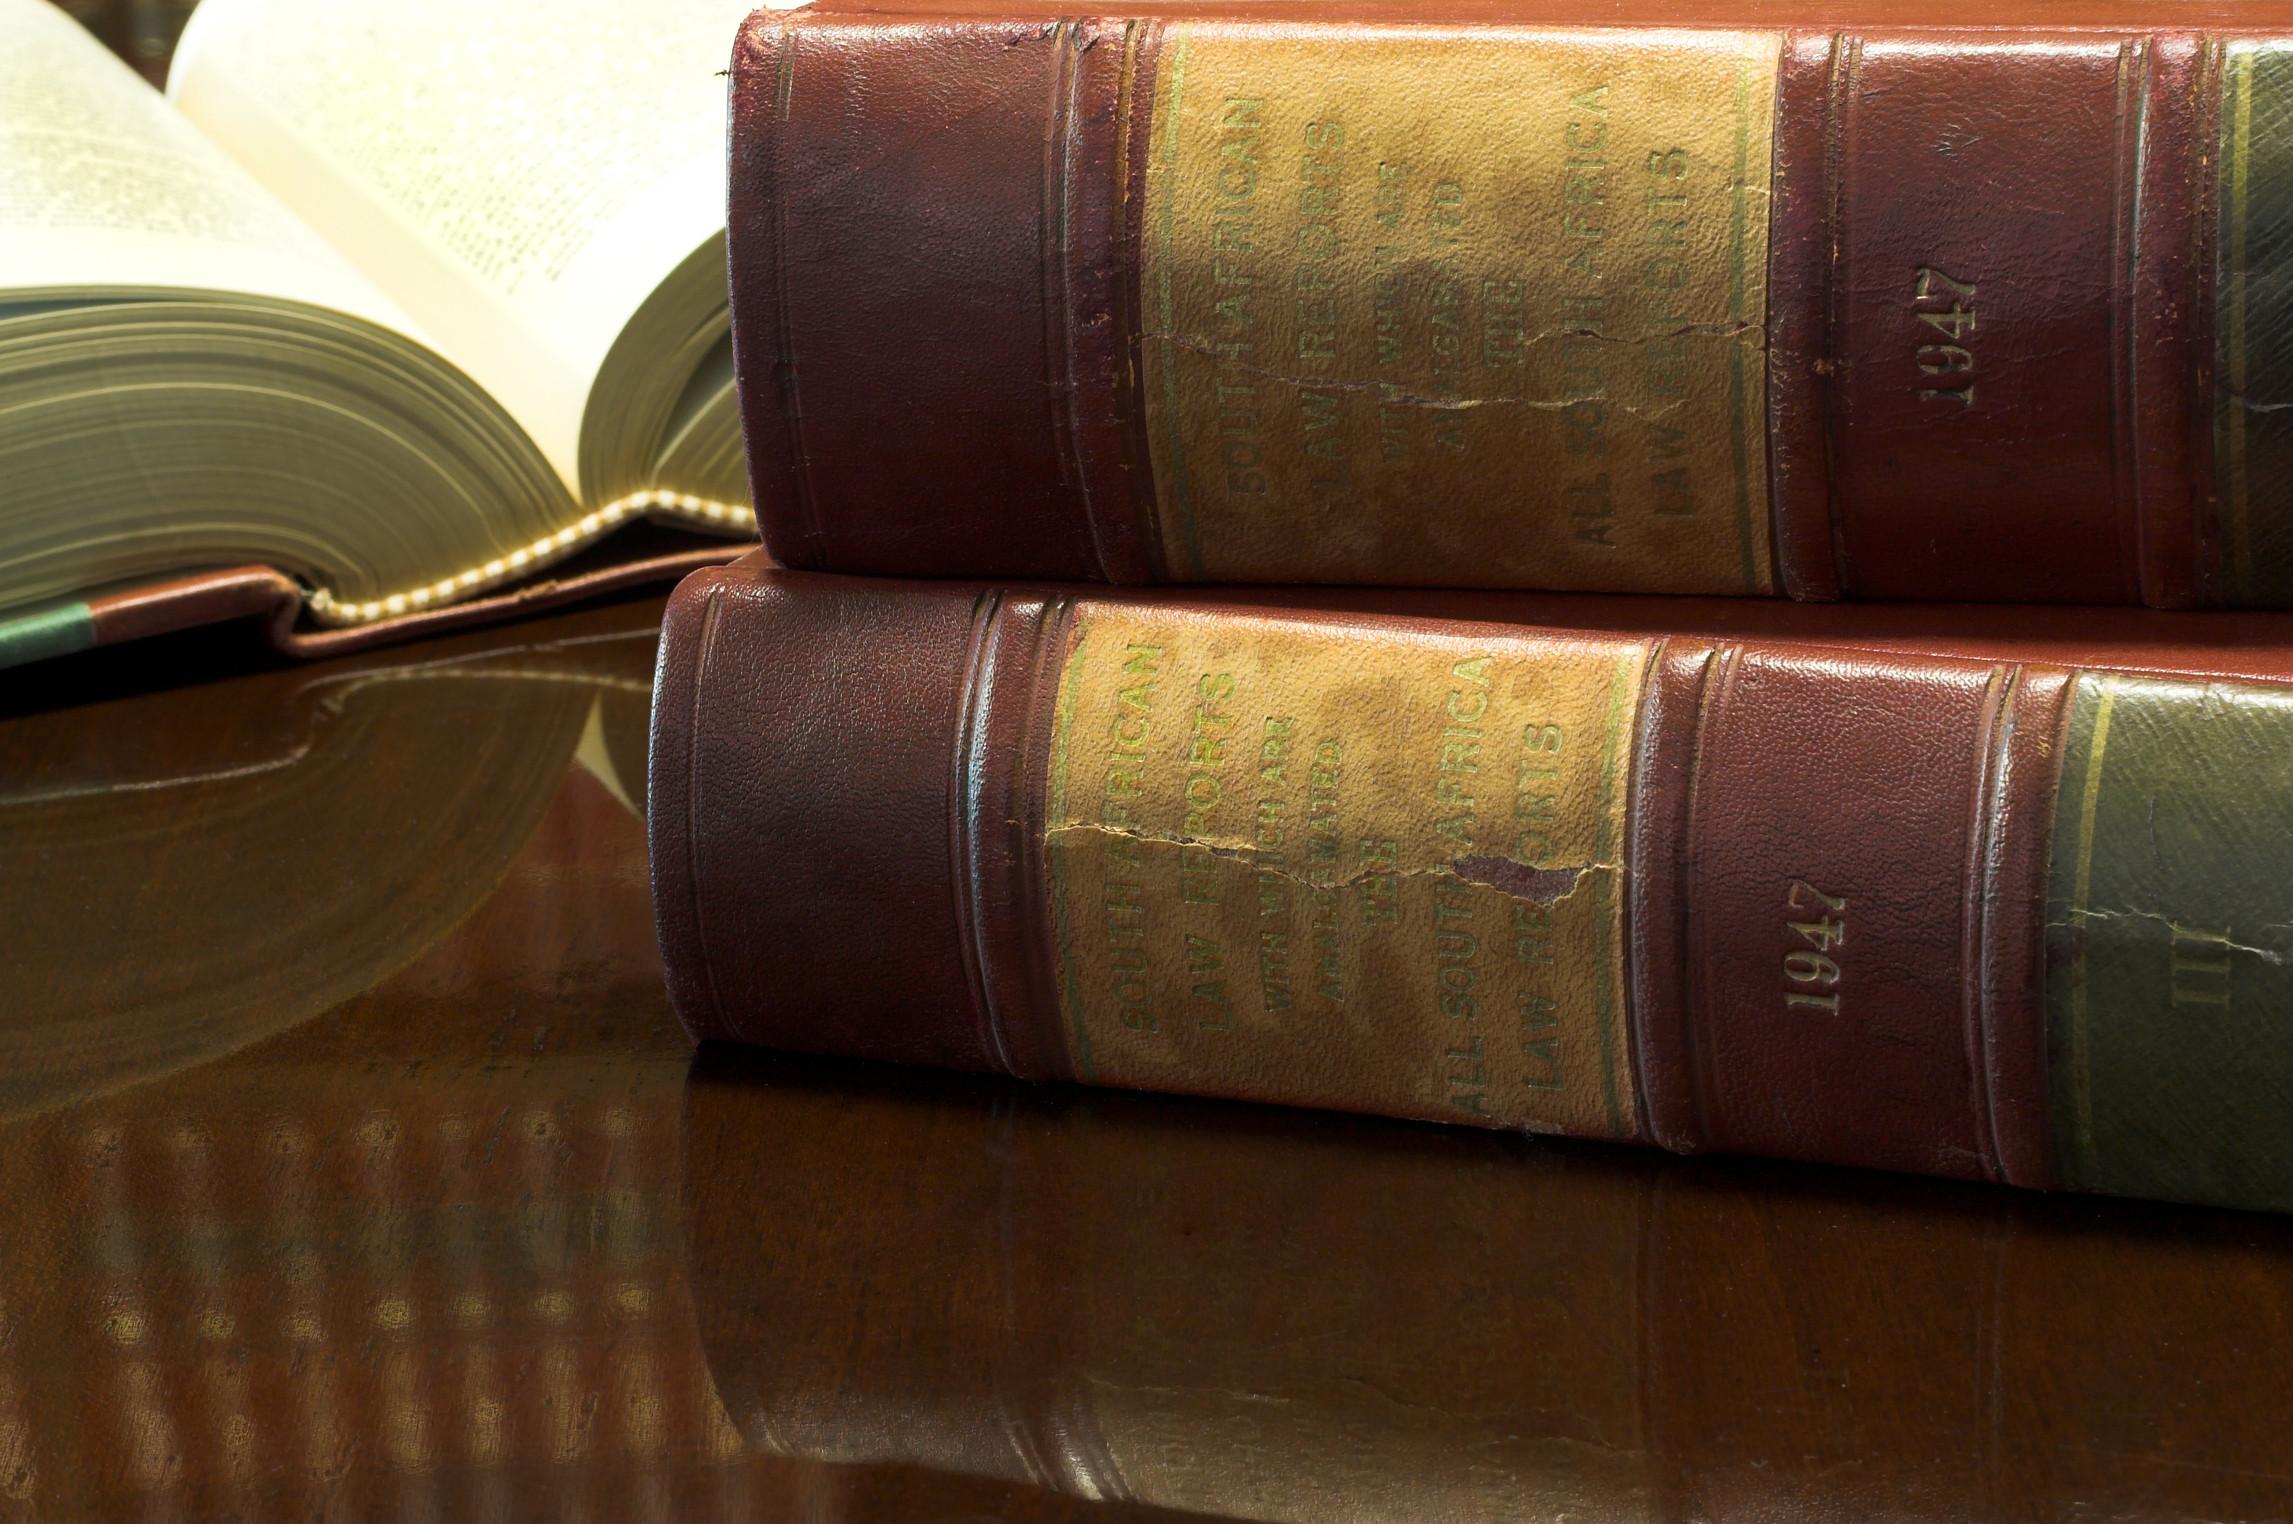 交通事故被害に遭った時、どのタイミングで弁護士に相談するべきか